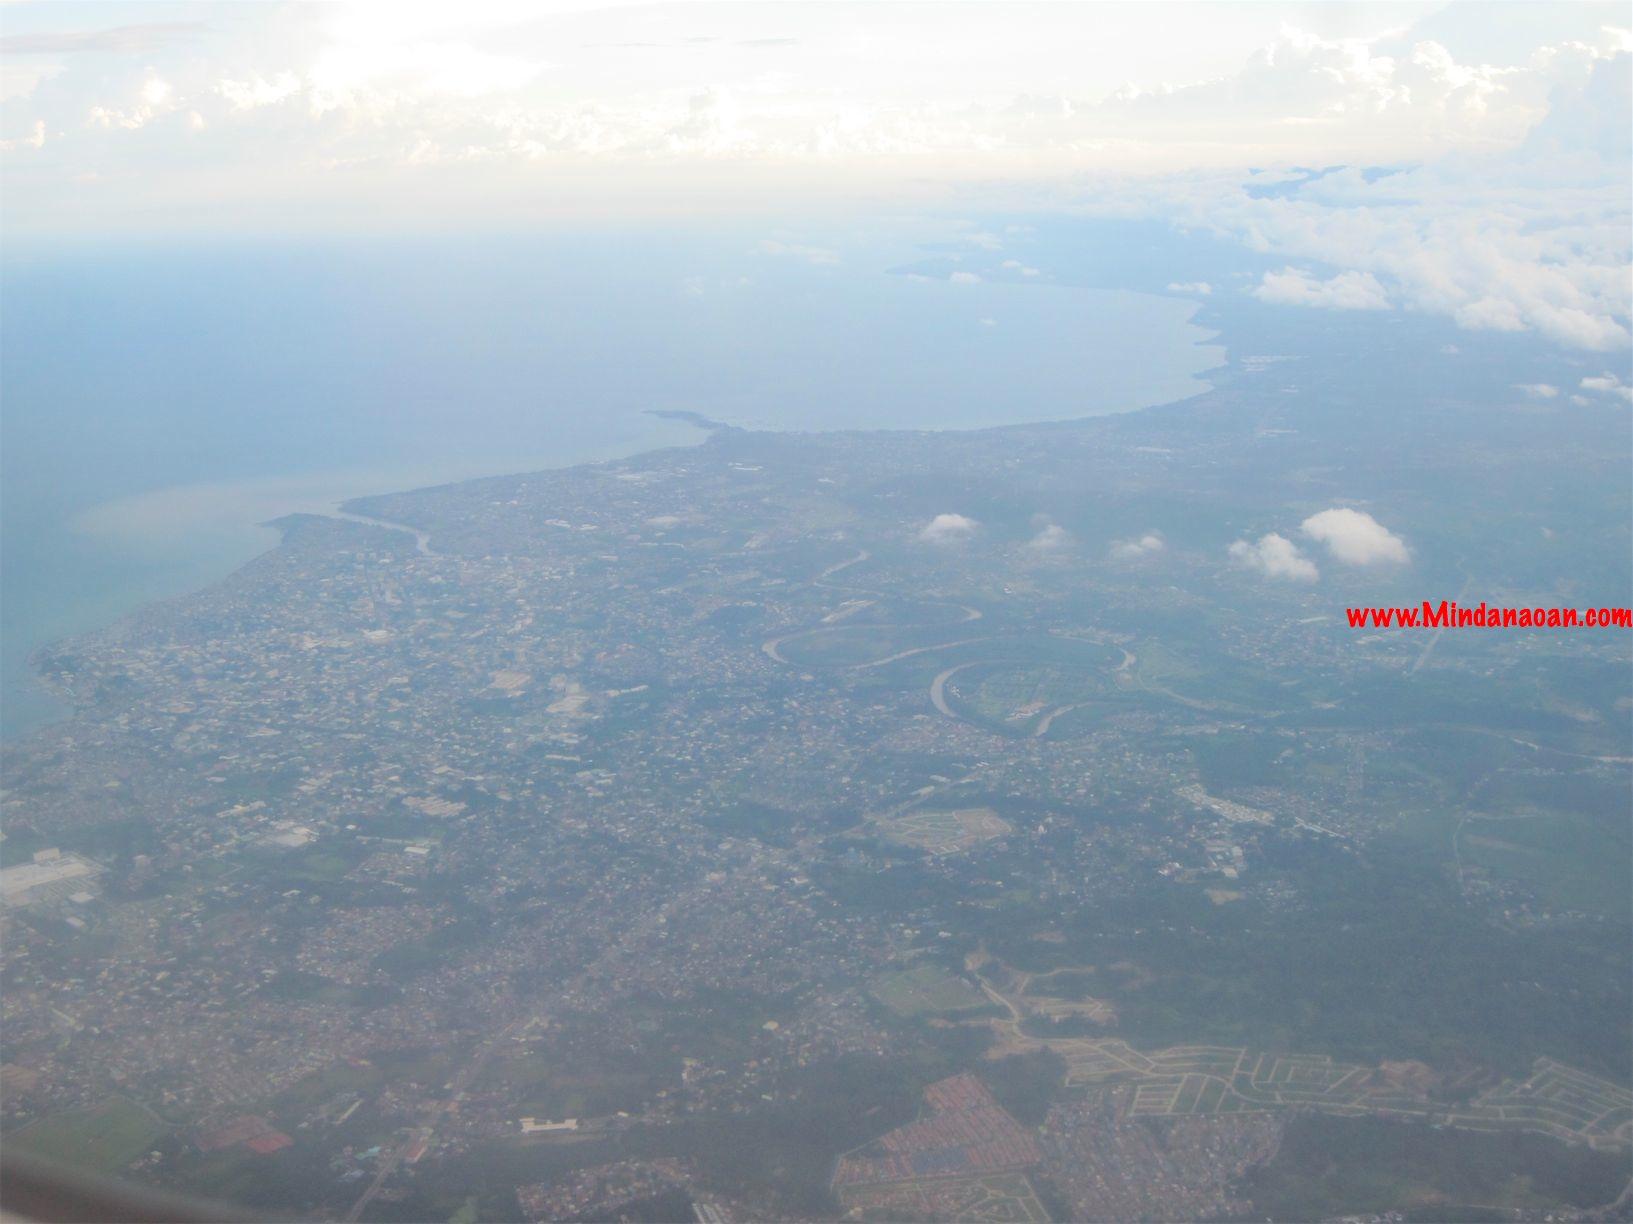 davao city from the sky